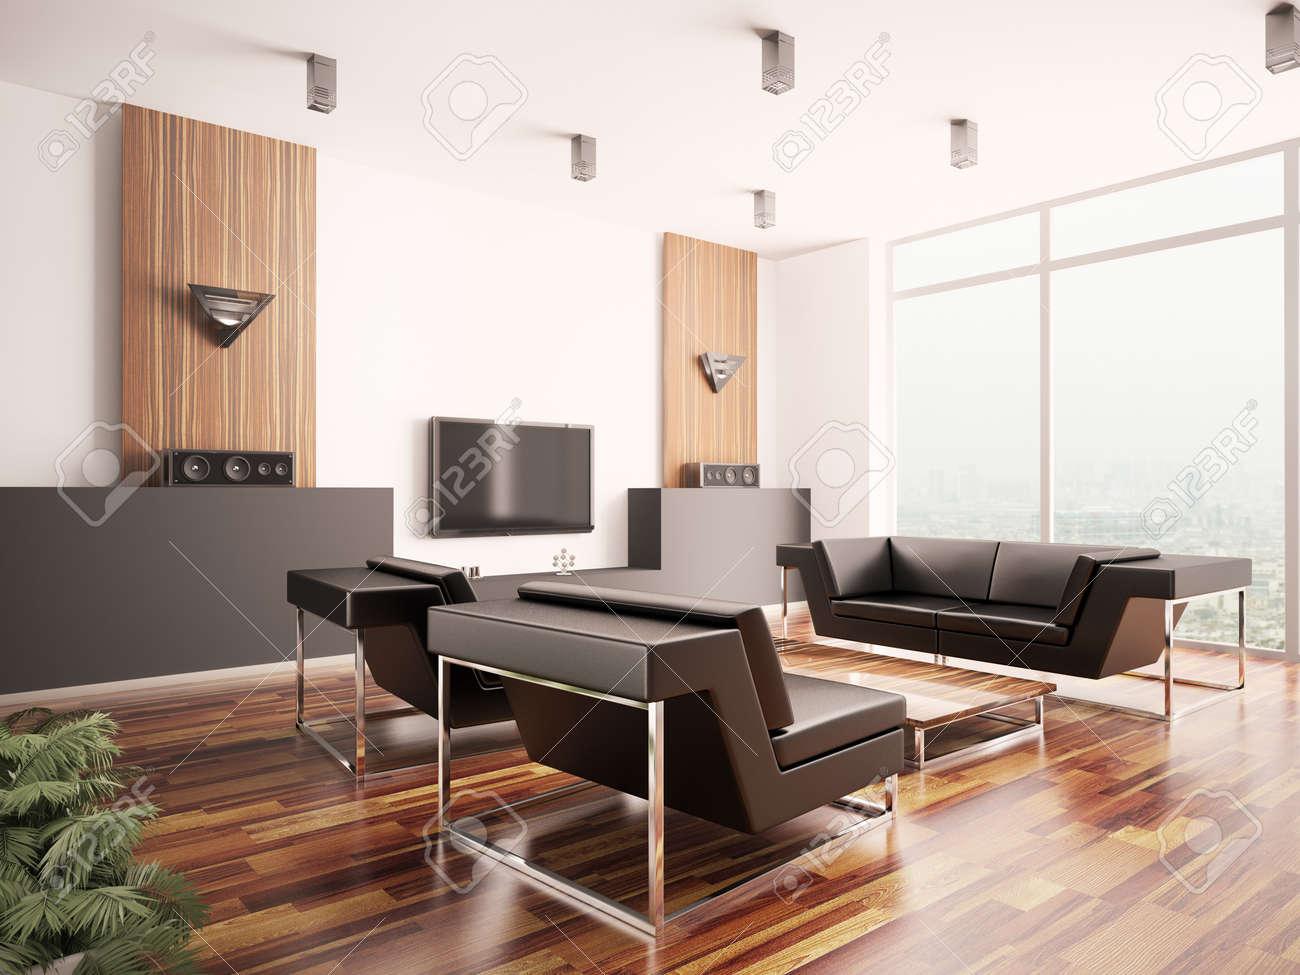 Banque Du0027images   Salon Moderne Avec Parquet Plancher Intérieur 3d